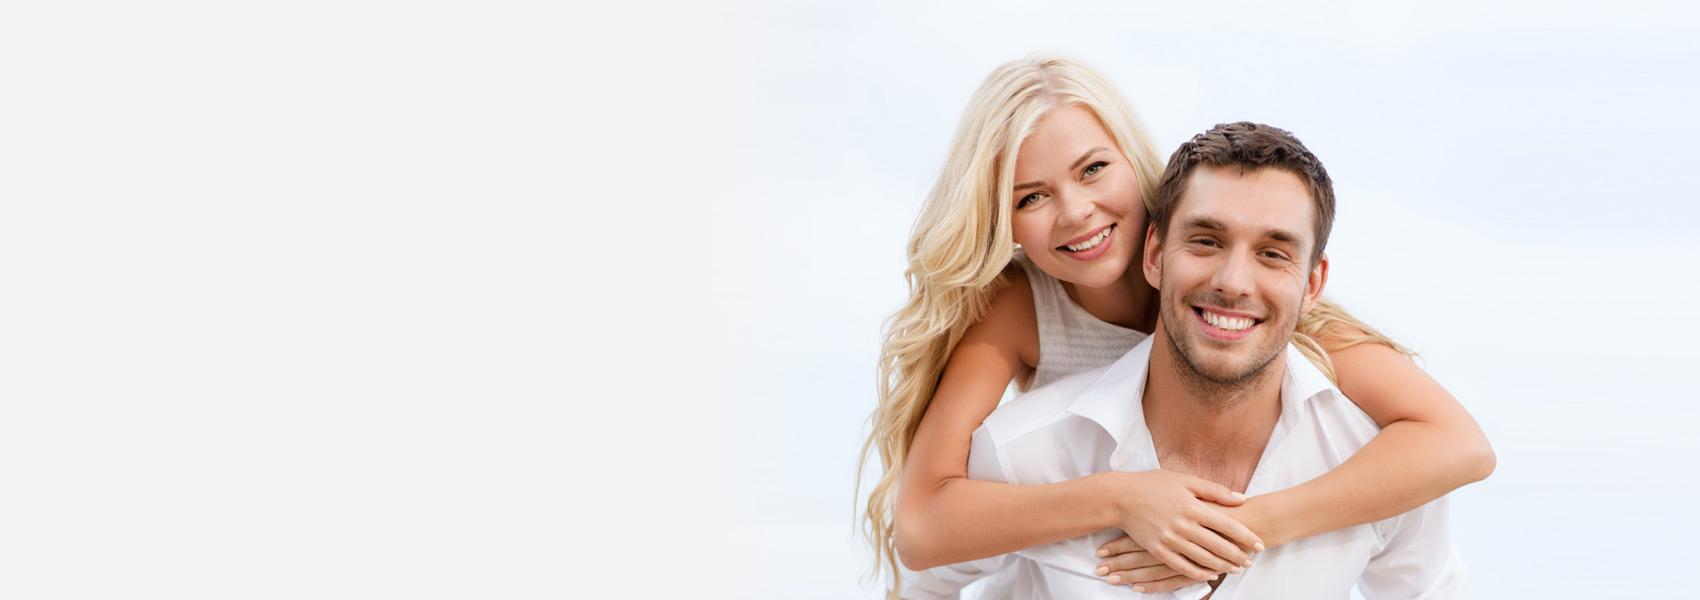 woman embraces man, both smiling